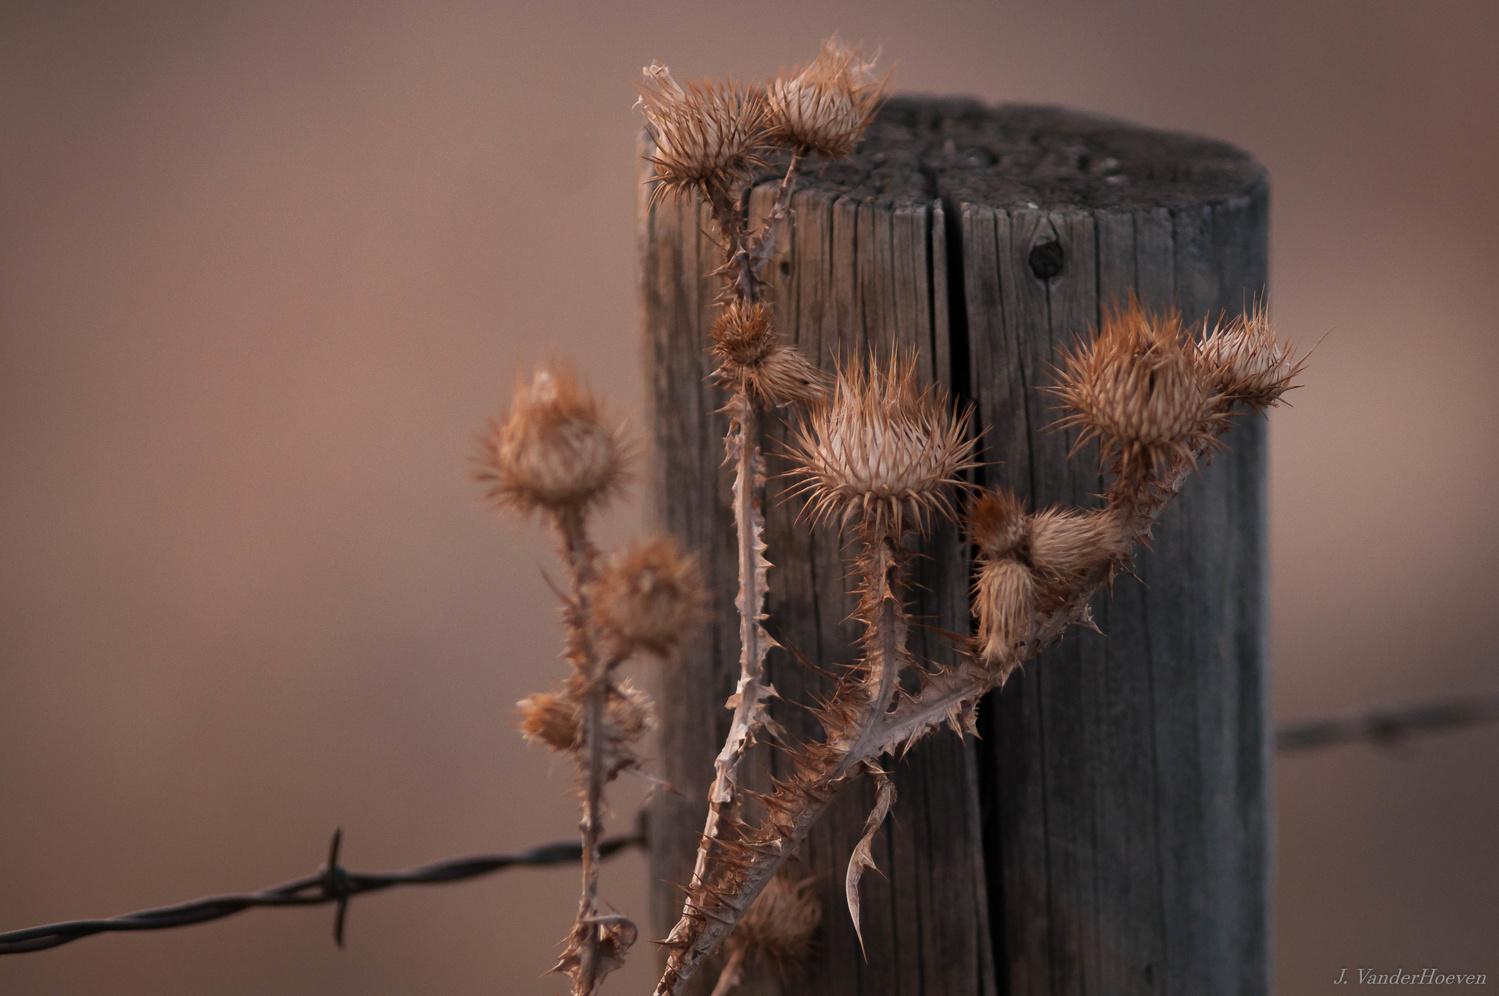 Along the Wire by Jake VanderHoeven